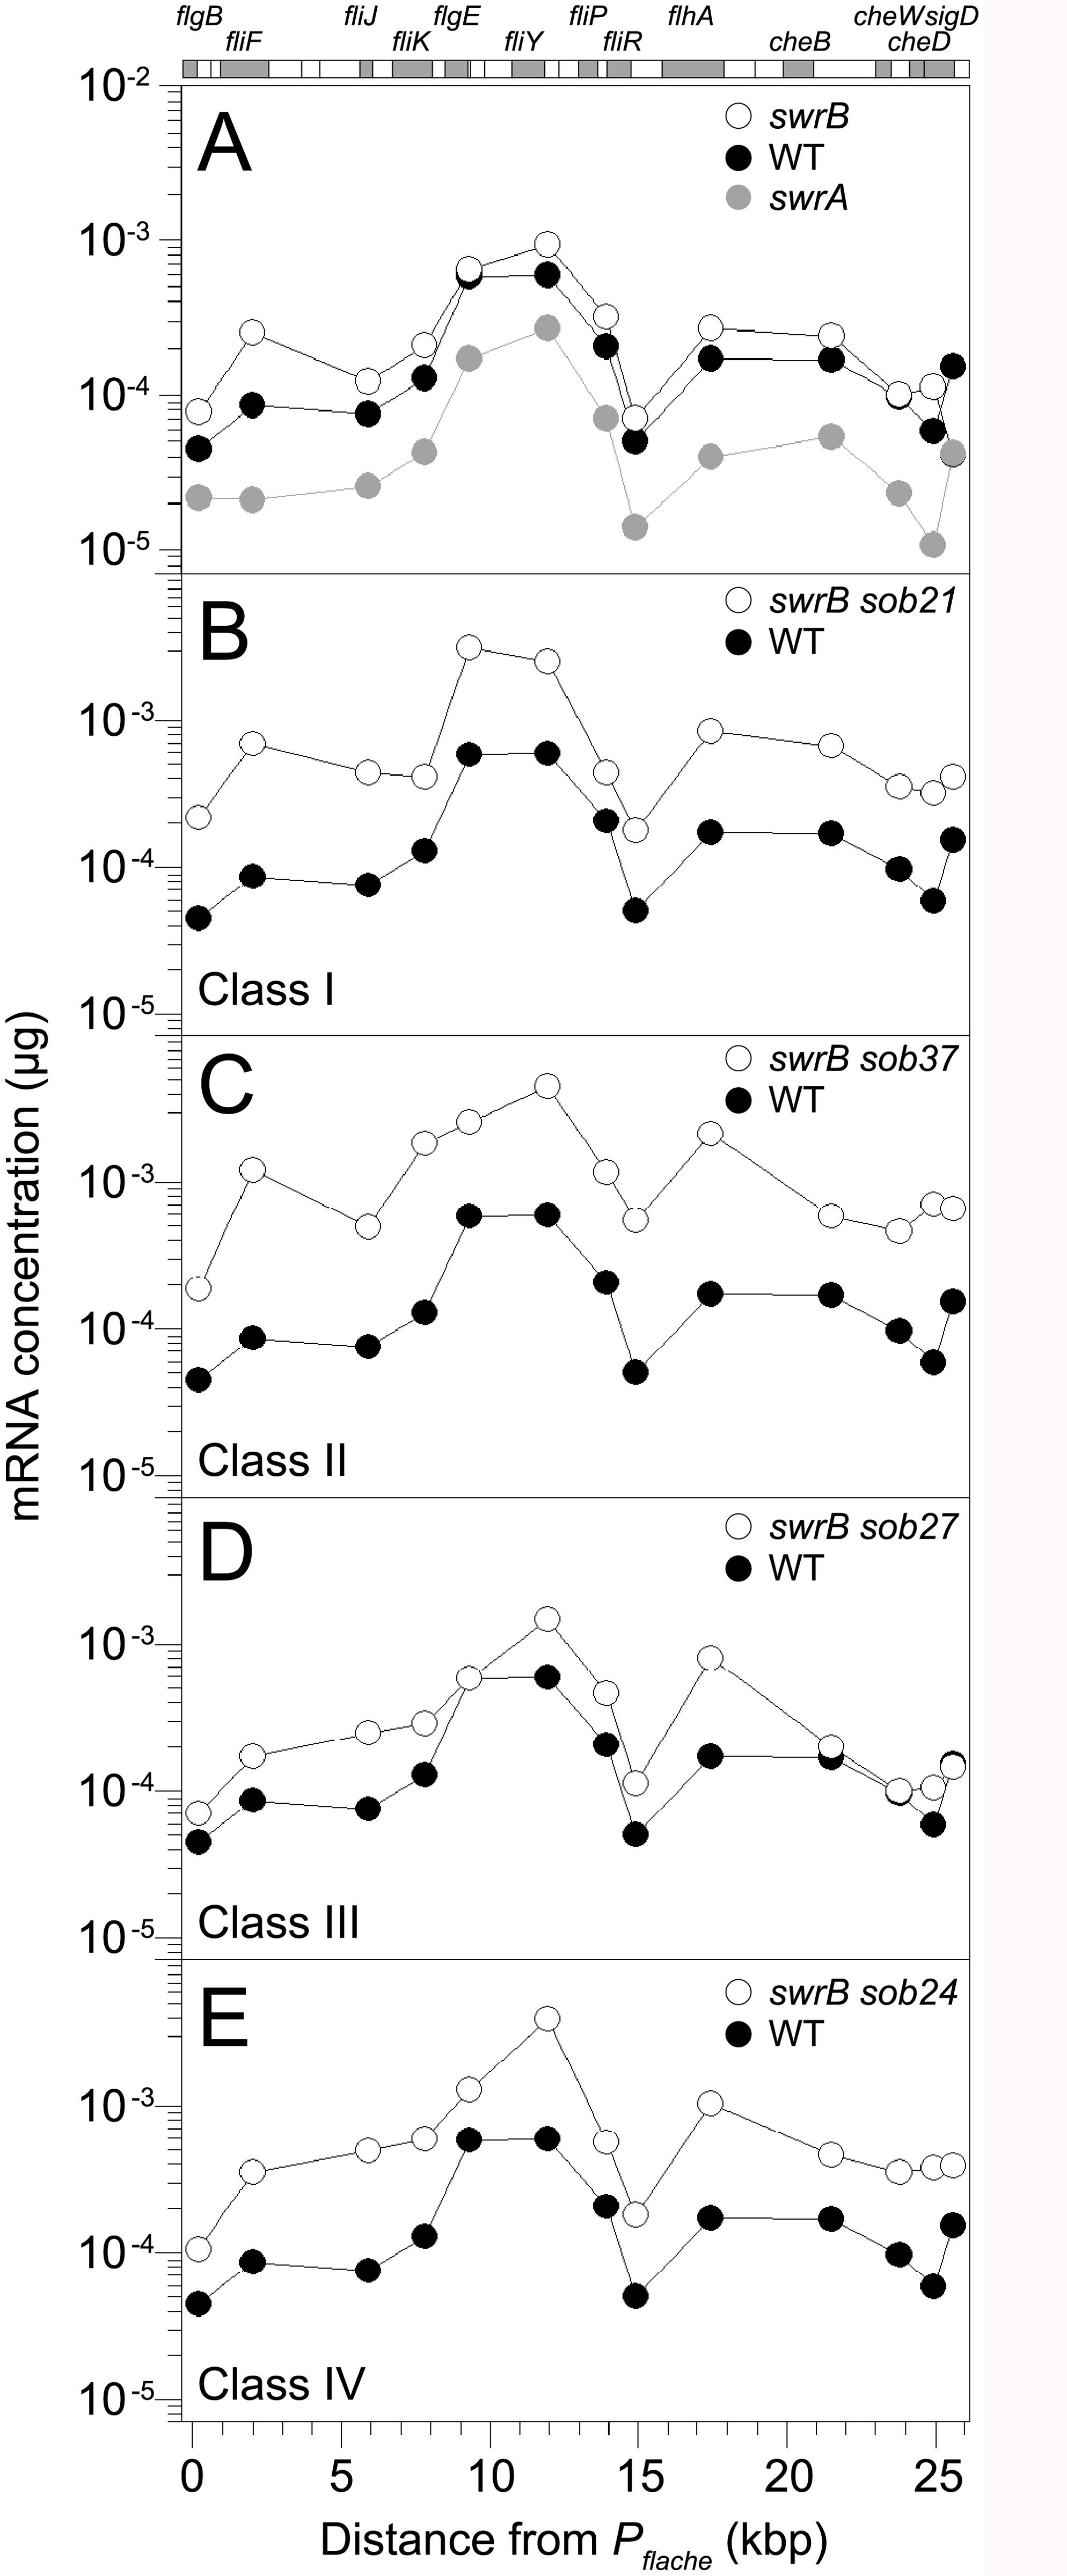 Some <i>sob</i> classes increase <i>fla/che</i> operon expression.